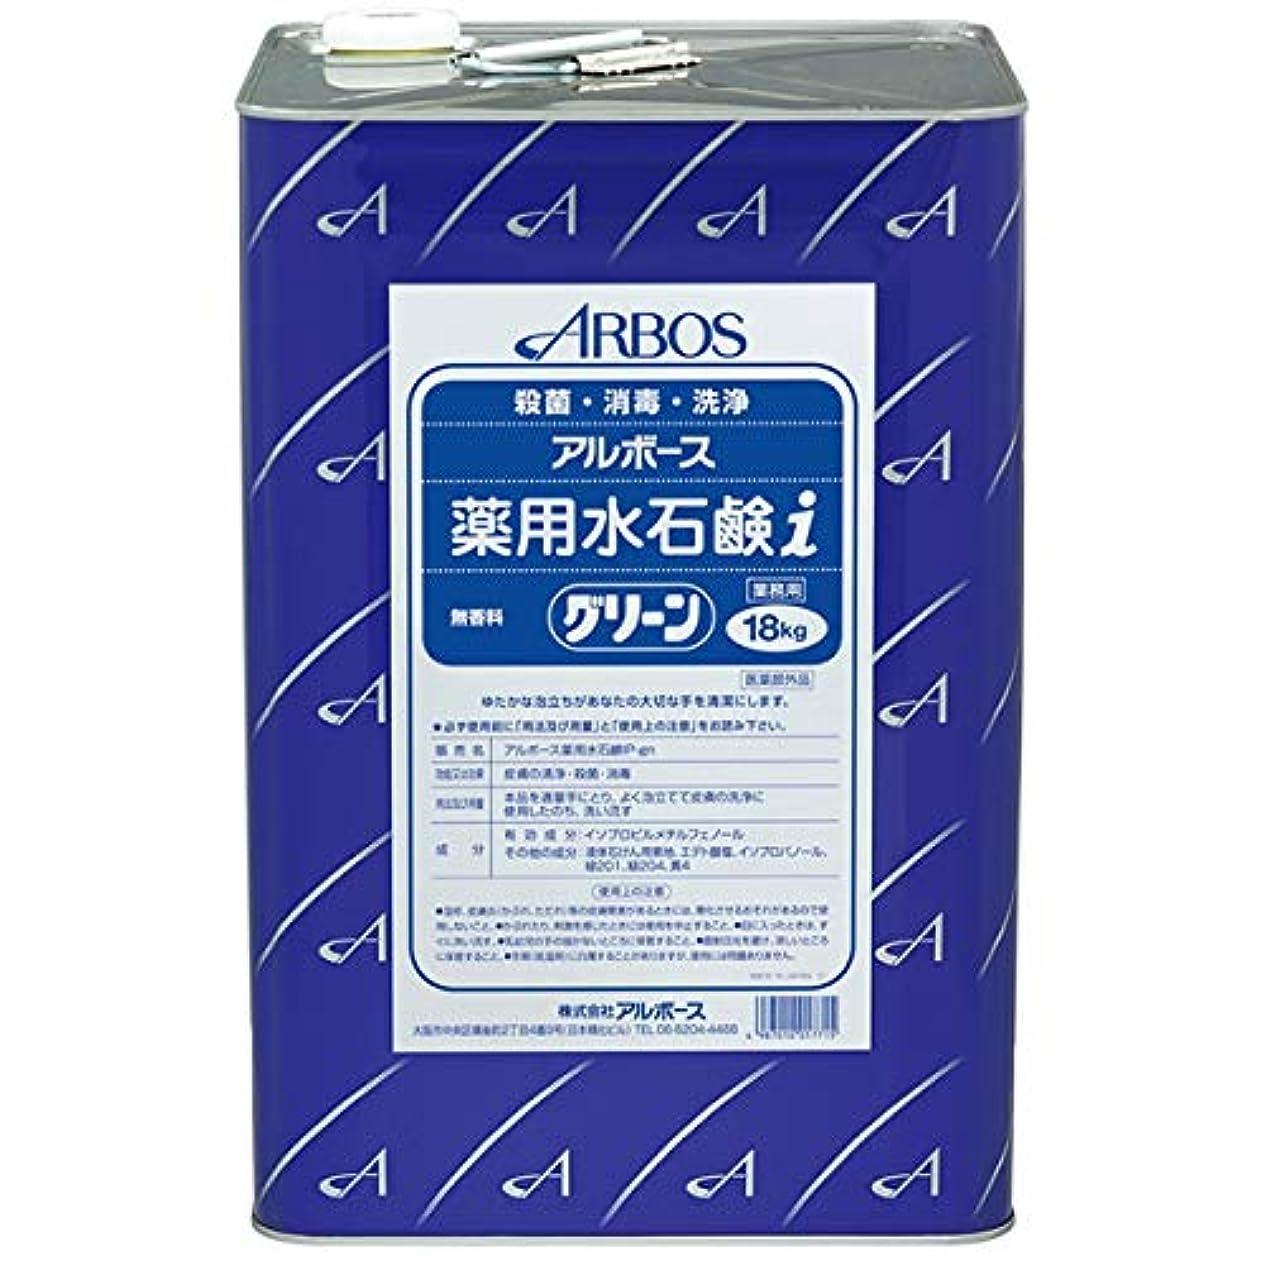 デザイナーポット道徳教育【清潔キレイ館】アルボース薬用水石鹸グリーンi(18L)